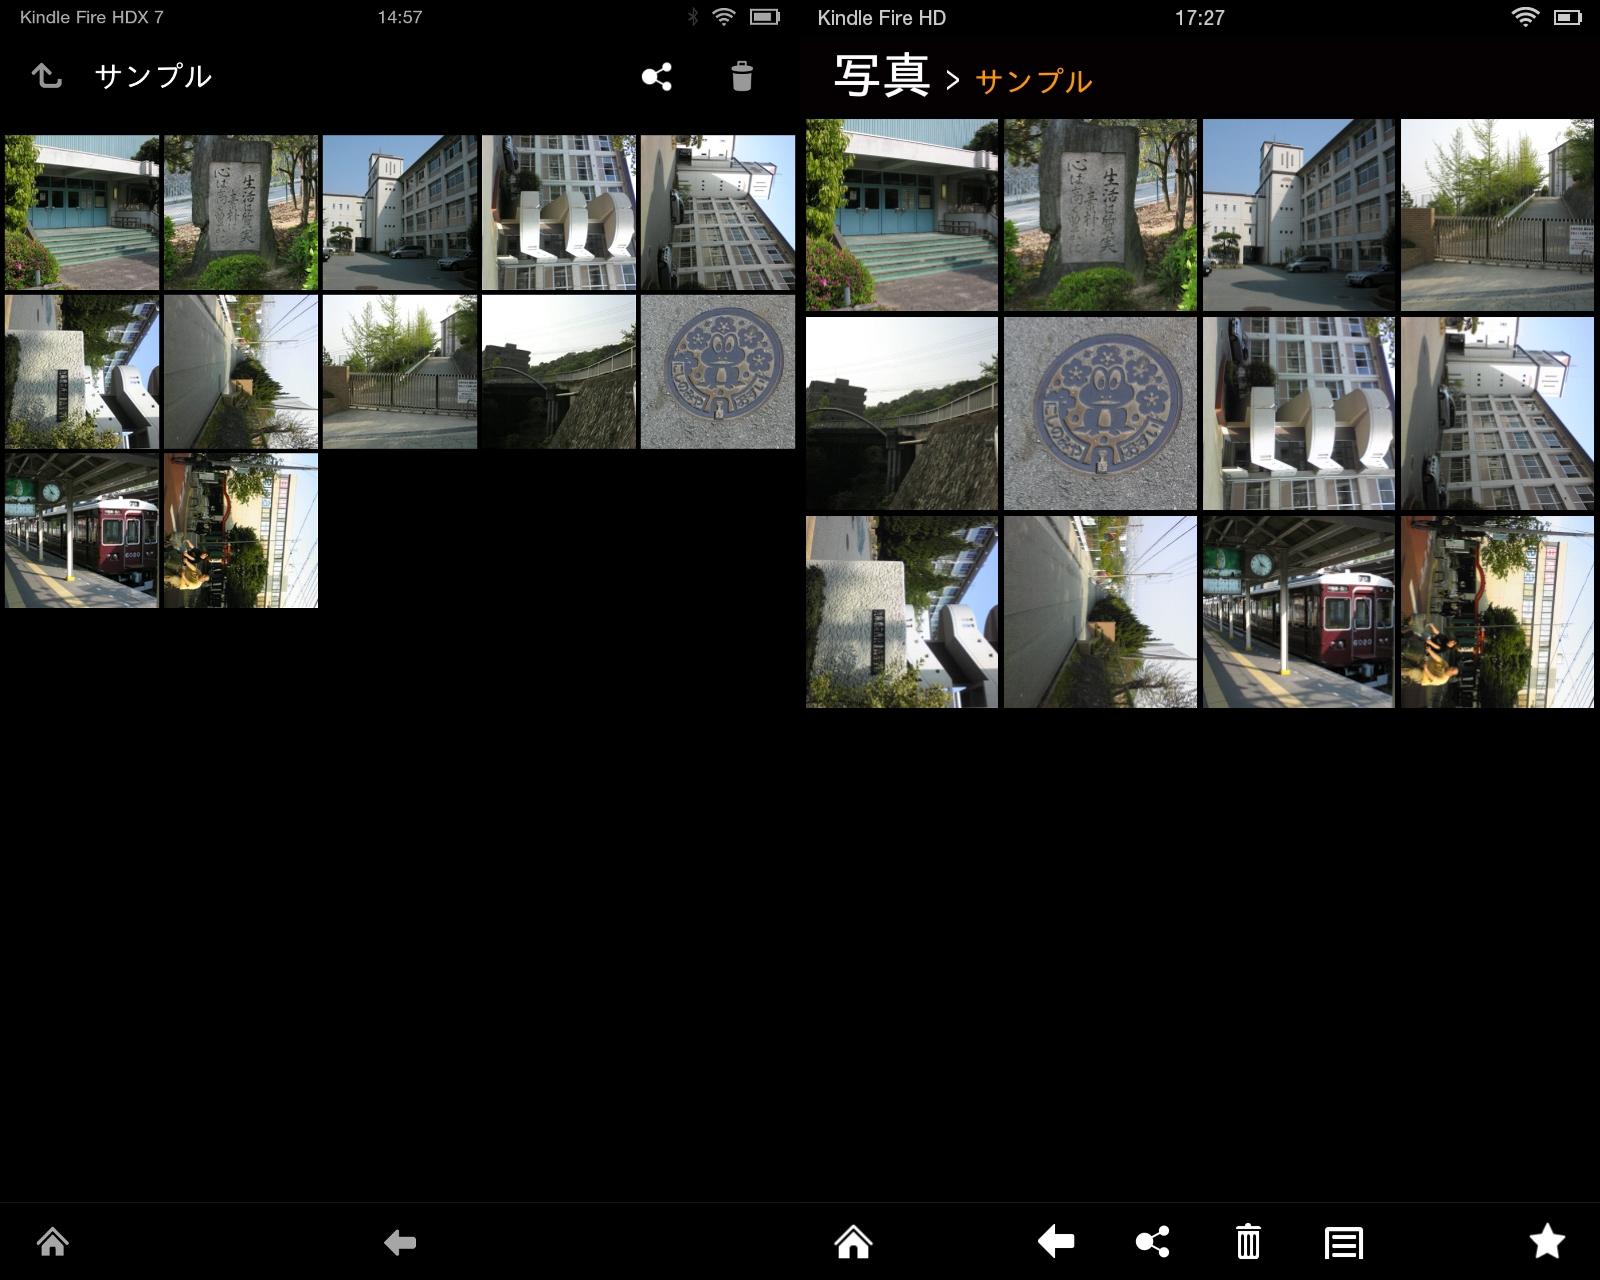 「写真」ライブラリ。解像度が向上したためか、サムネイルの数が横4つから5つに増えている。ちなみに本製品のインカメラで撮影できる写真は768×1,024ドットで、動画(720×1,280ドット)の撮影も可能